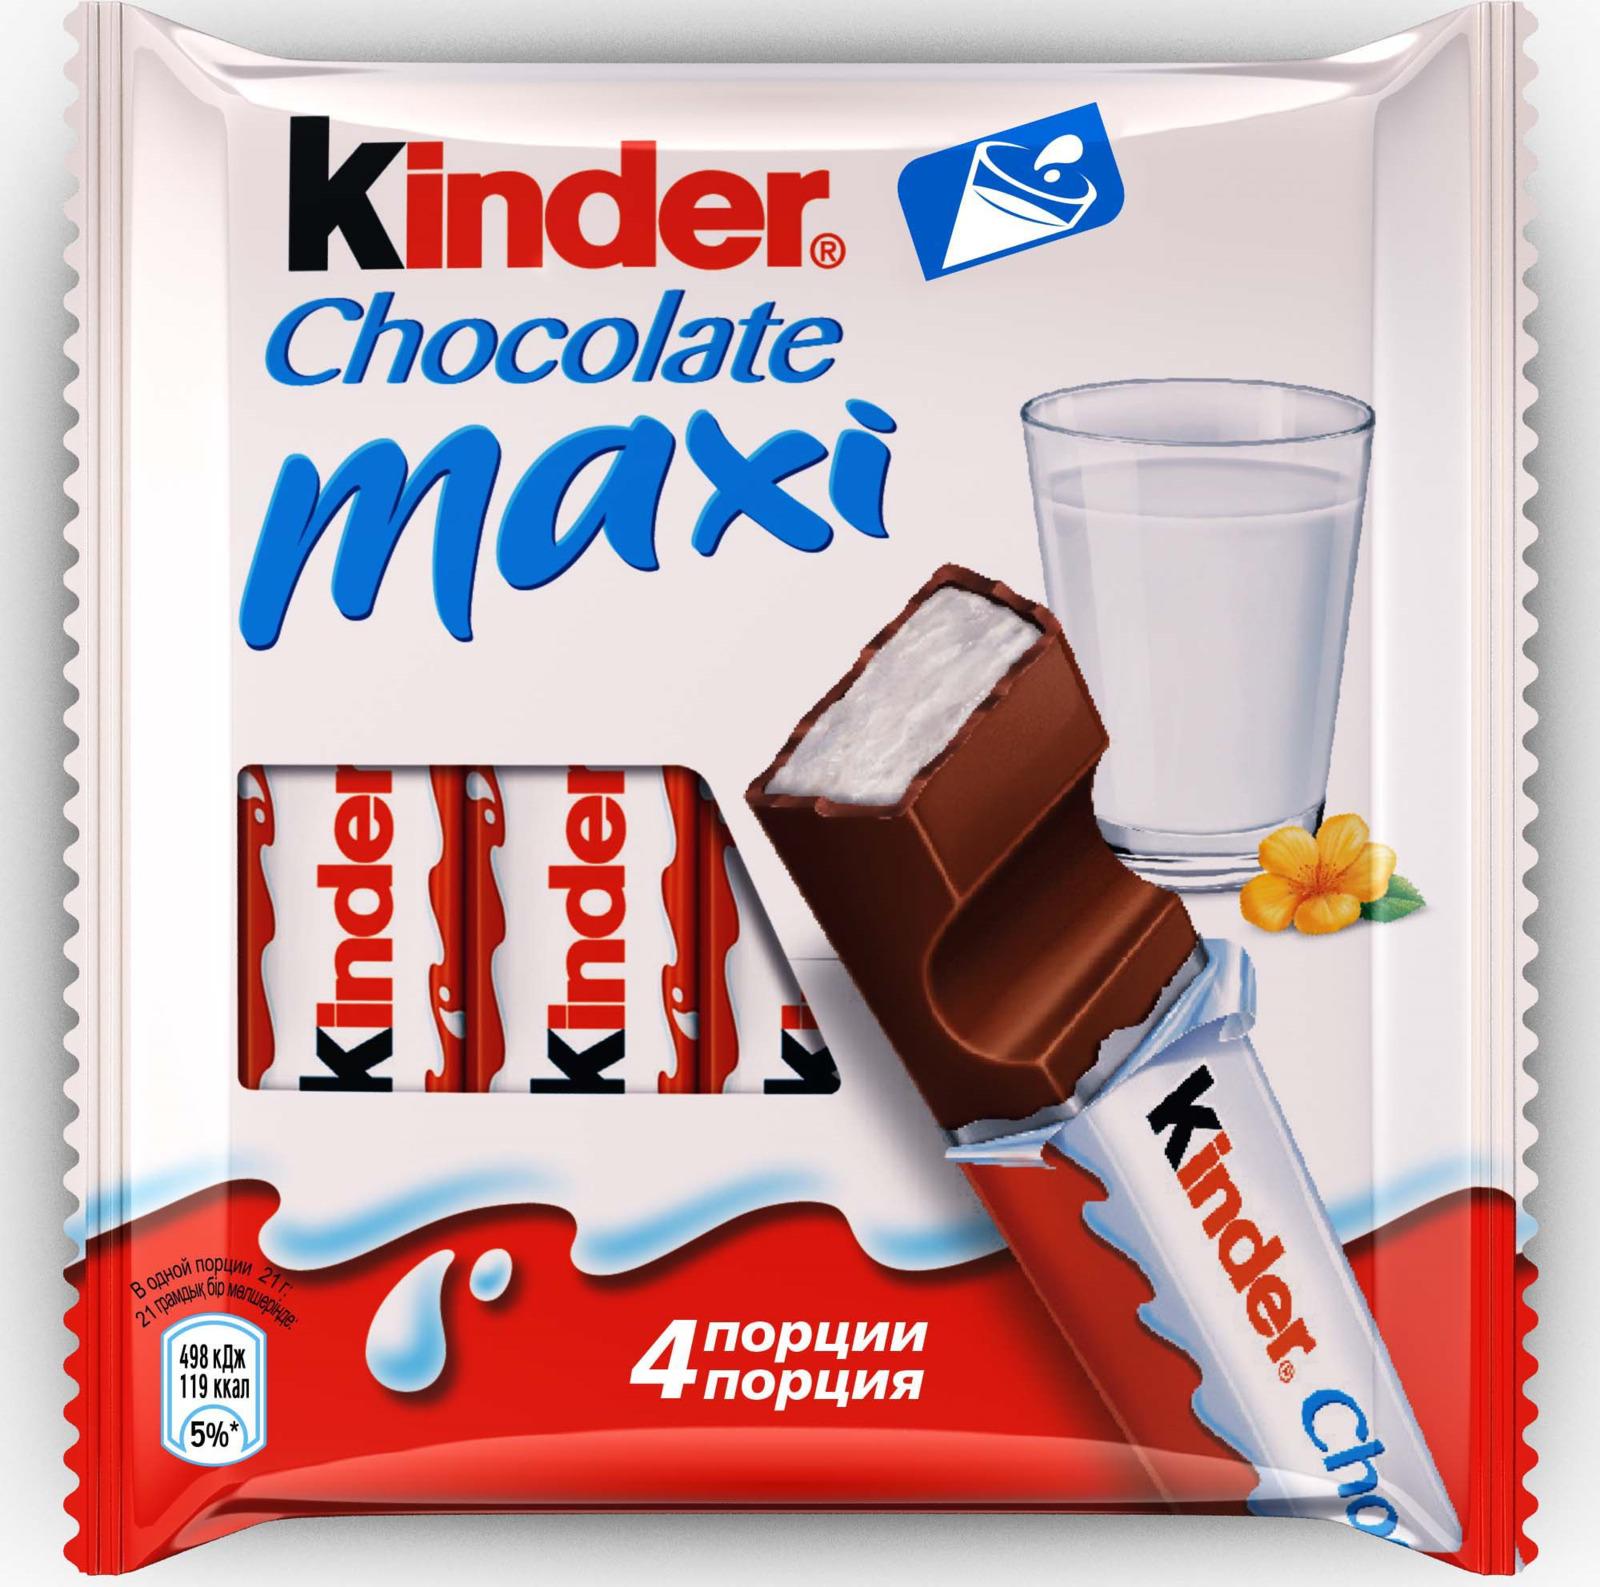 Kinder Chocolate Maxi шоколадный батончик молочный, 4 шт по 21 г десерты kinder kinder surprise для девочки 20 г